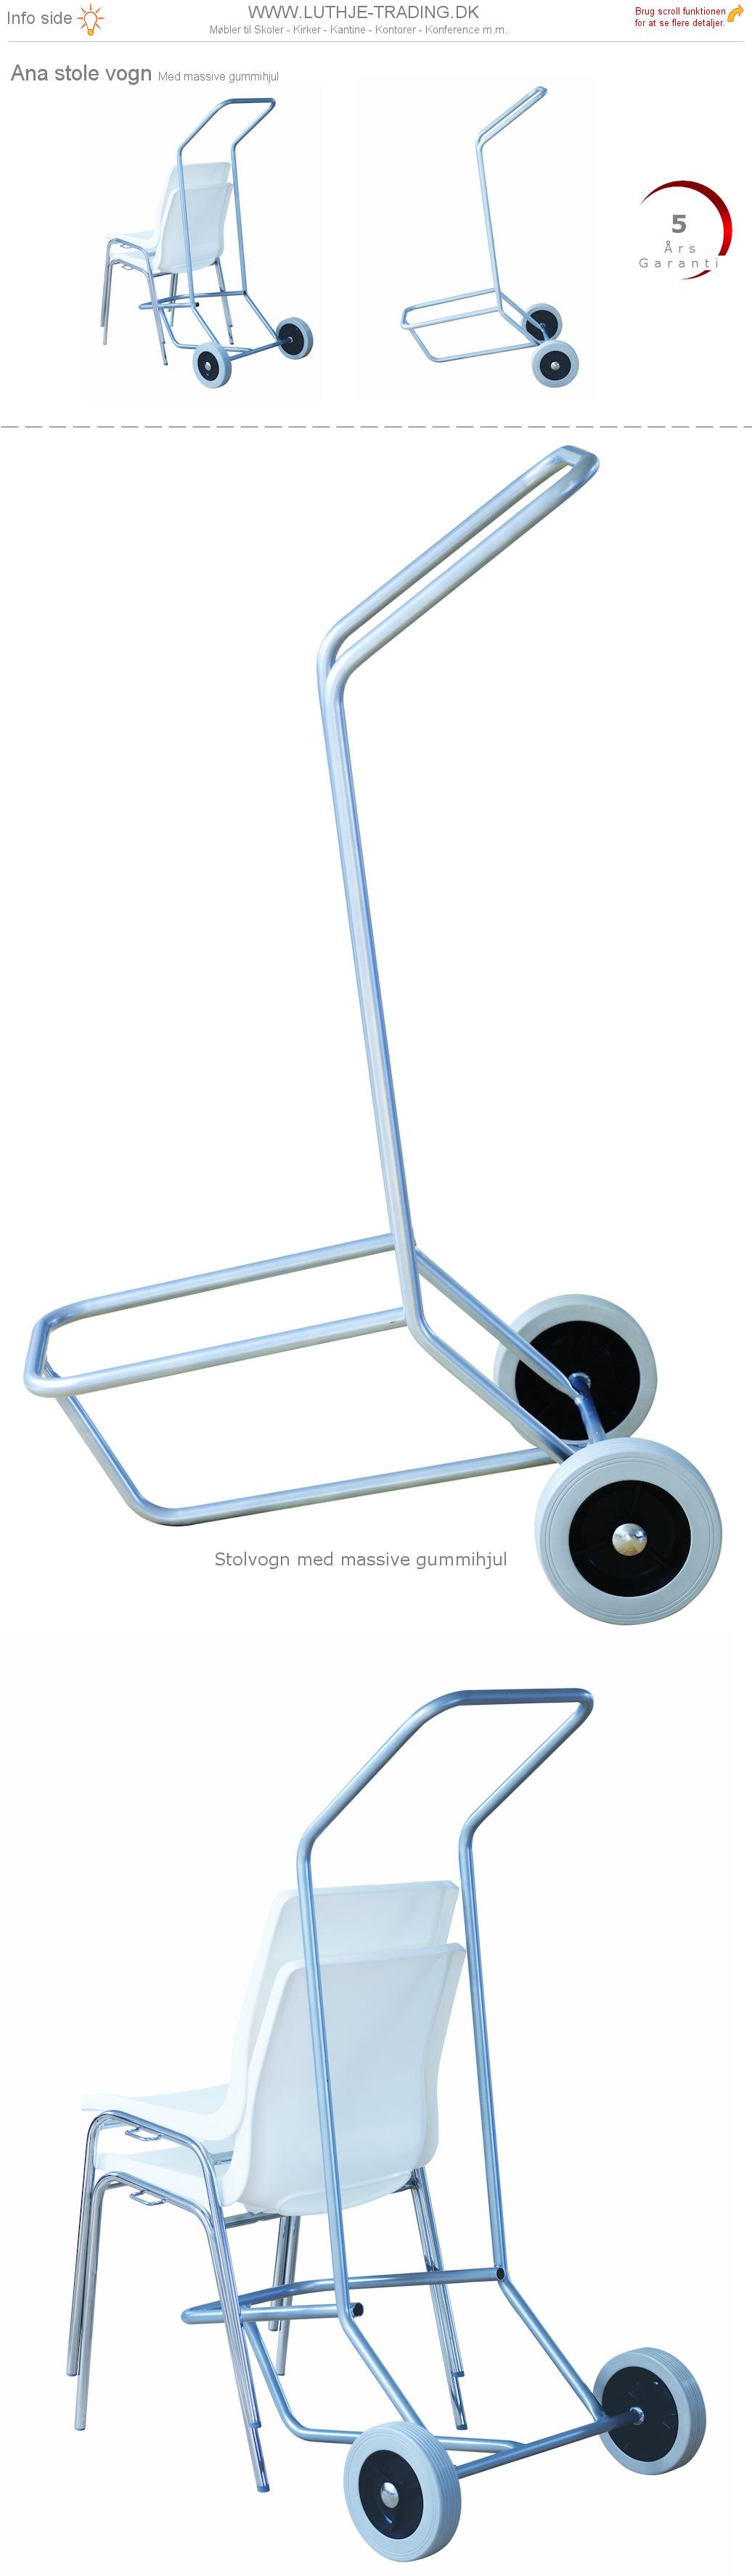 Vogn til Ana stol med gummihjul. Stolvognen kan transportere op til 12 stk. Ana stole. Vi giver gerne det bedste tilbud på en Ana stol.